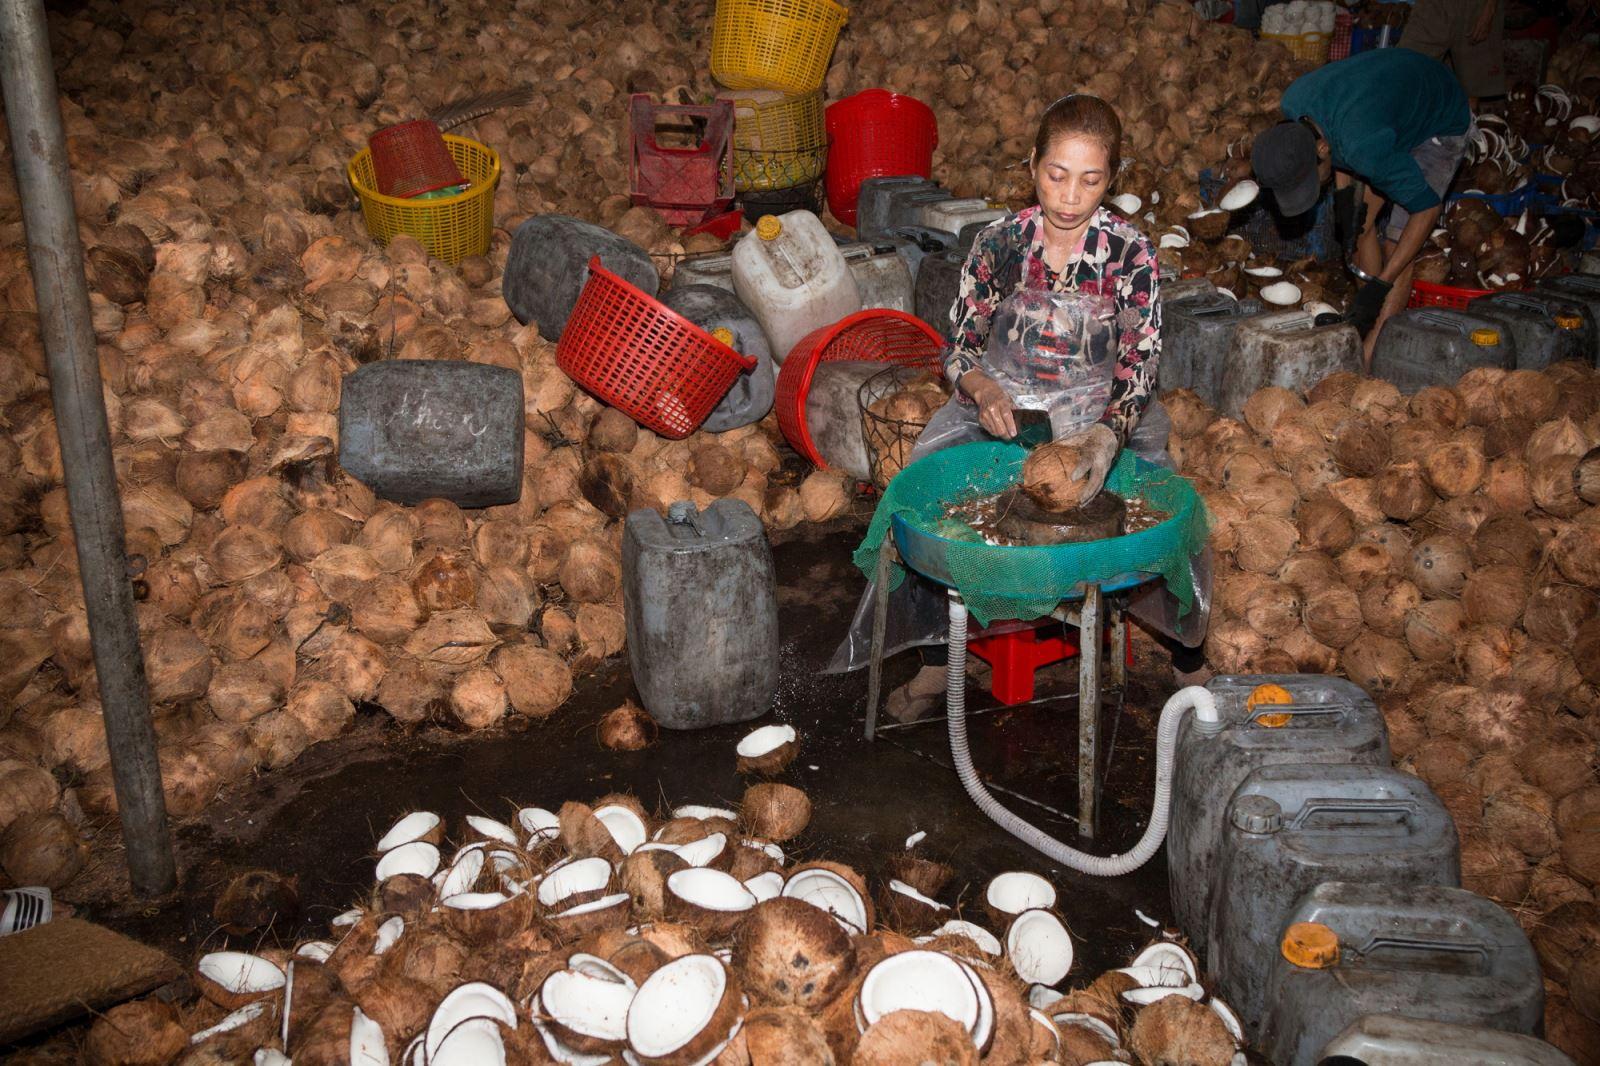 Bổ dừa.(Khi bổ đôi trái dừa,nước  dừa được giữ lại để cung cấp cho các nhà máy chế biến nước giải khát,làm thạch dừa…).